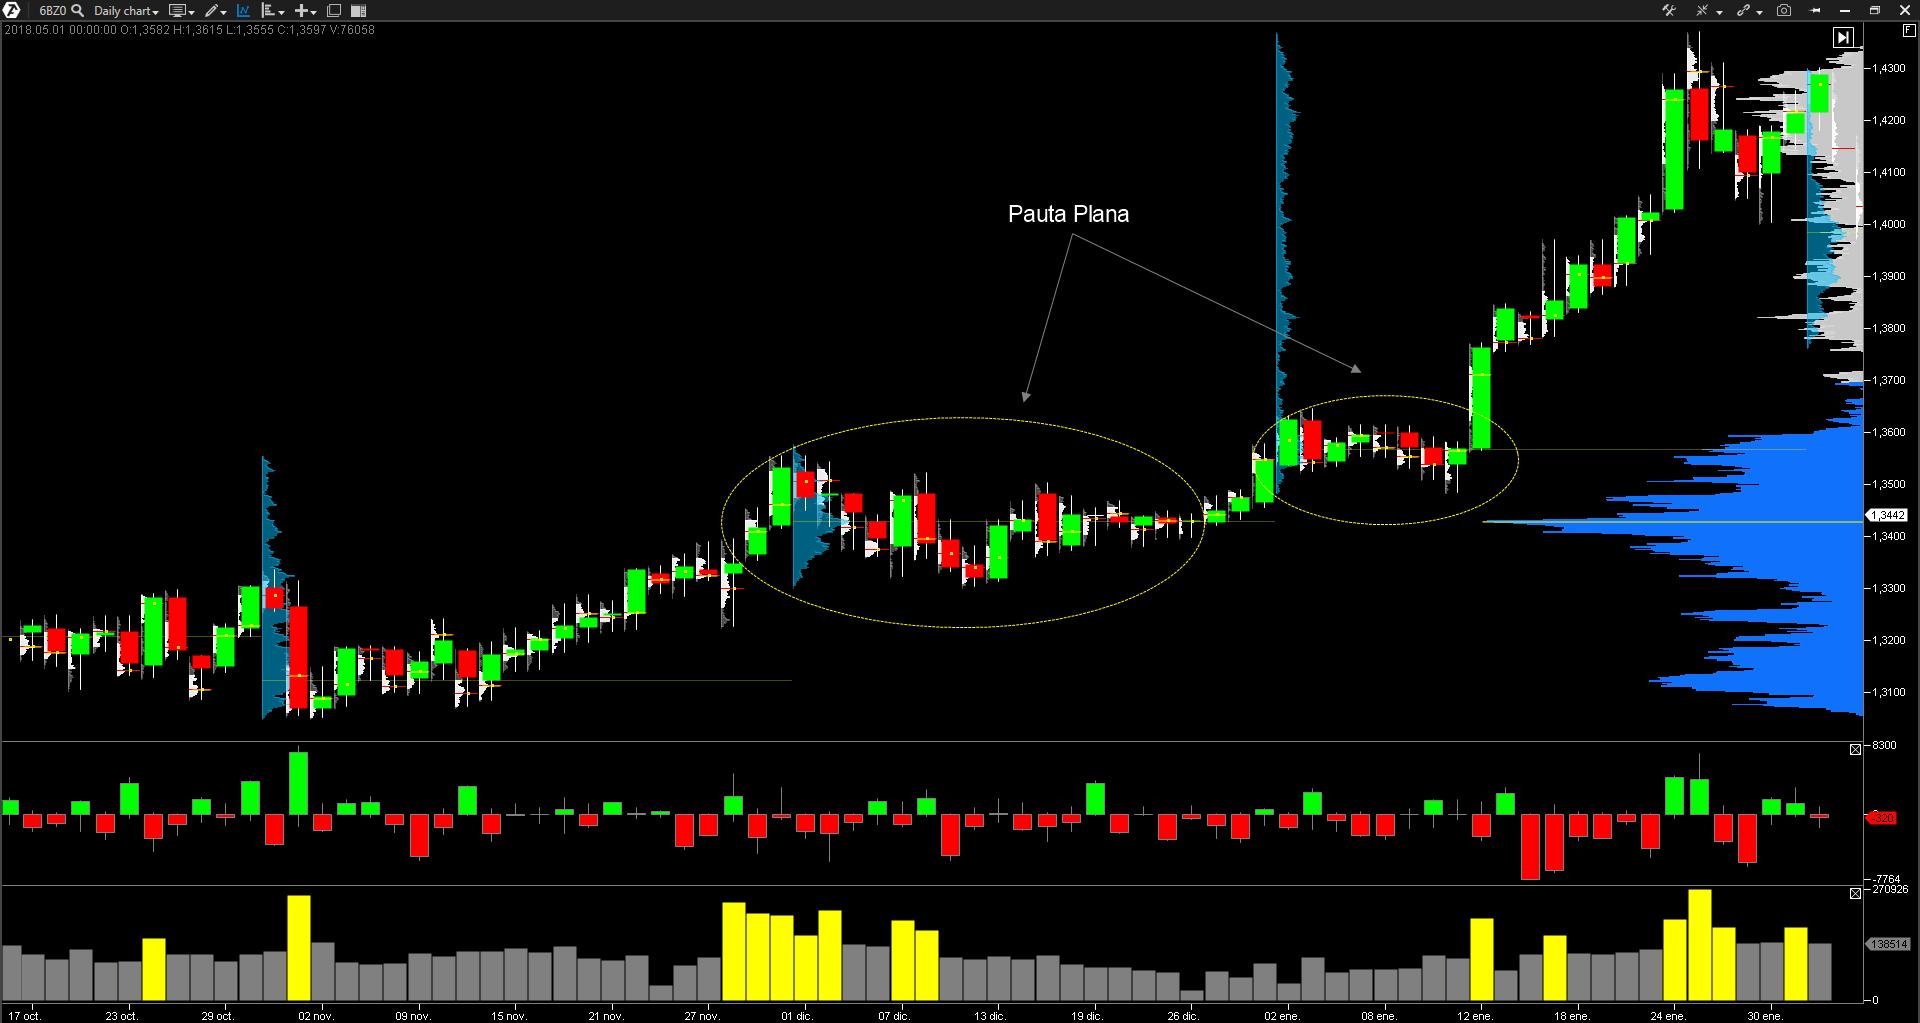 pauta-plana-trading-3